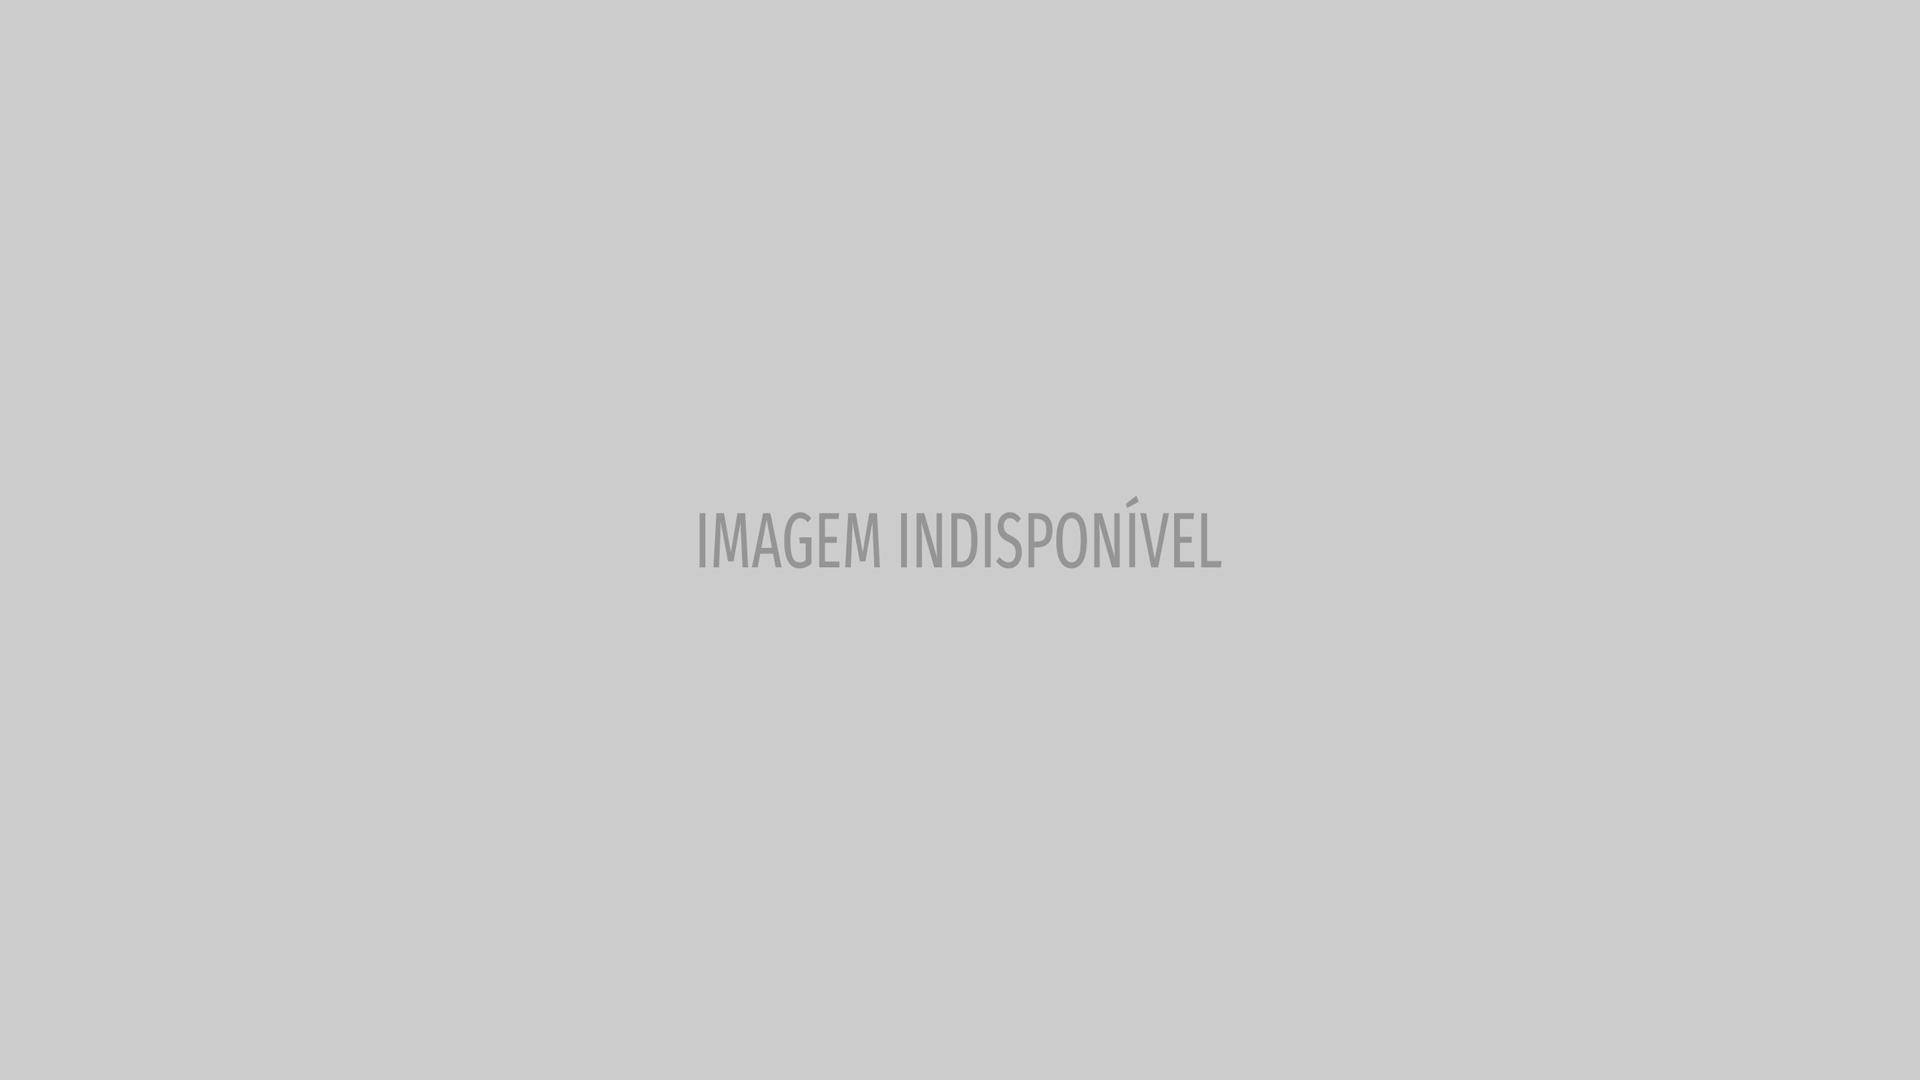 Casados à Primeira Vista: Eliana diz ter-se sentido traída por Ana e Dave